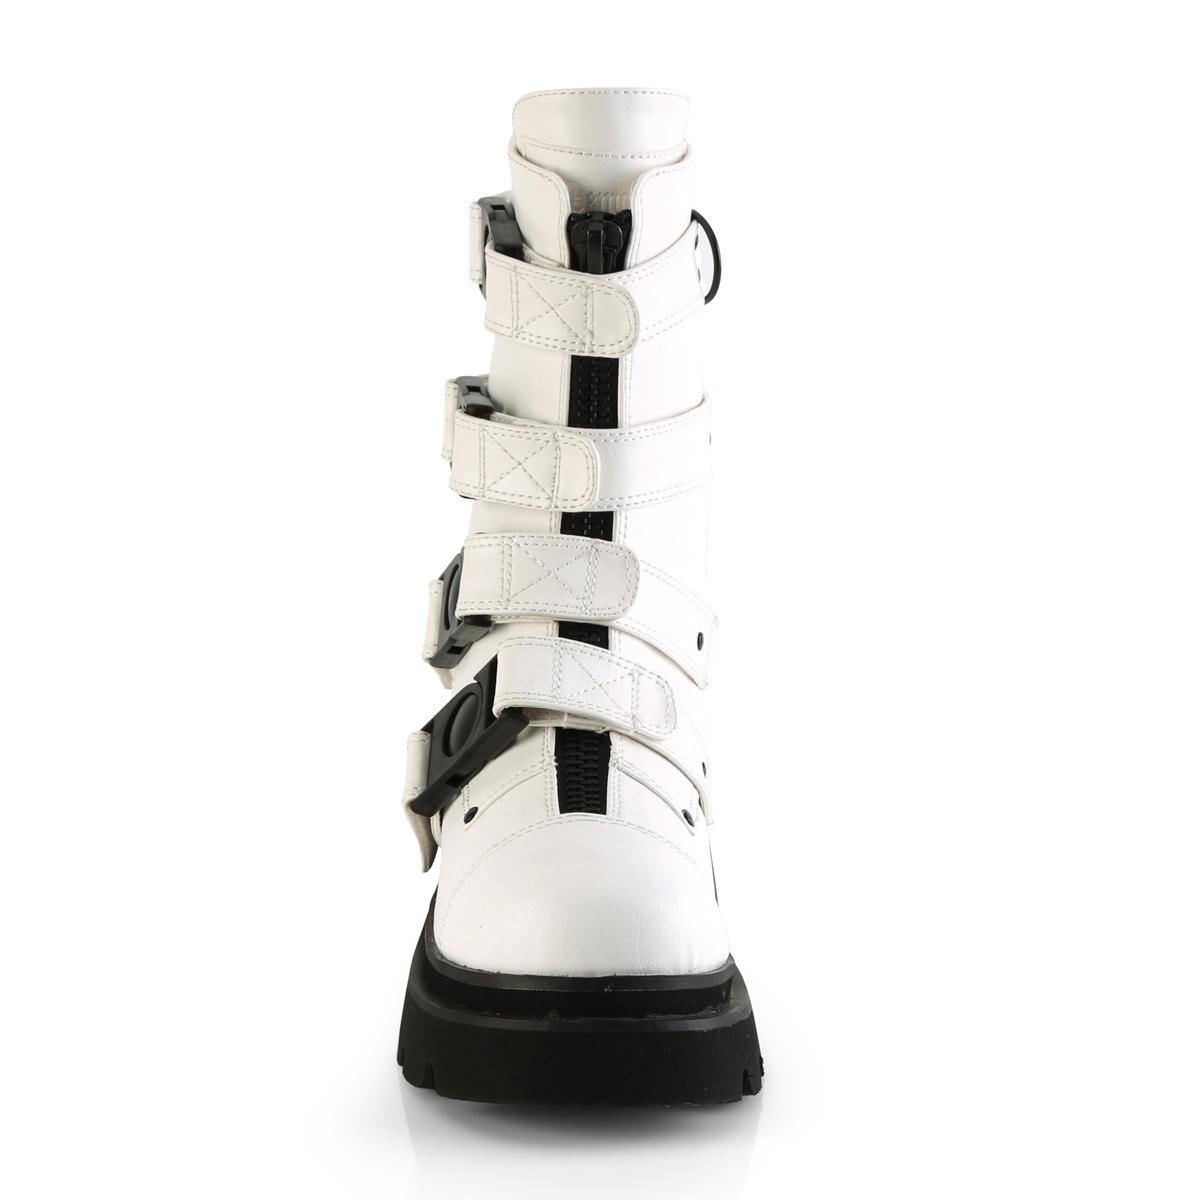 Demonia(デモニア) RENEGADE-55 クイックリリースバックルストラップブーツ ミドルブーツ つや消し白 ホワイト◆取り寄せ